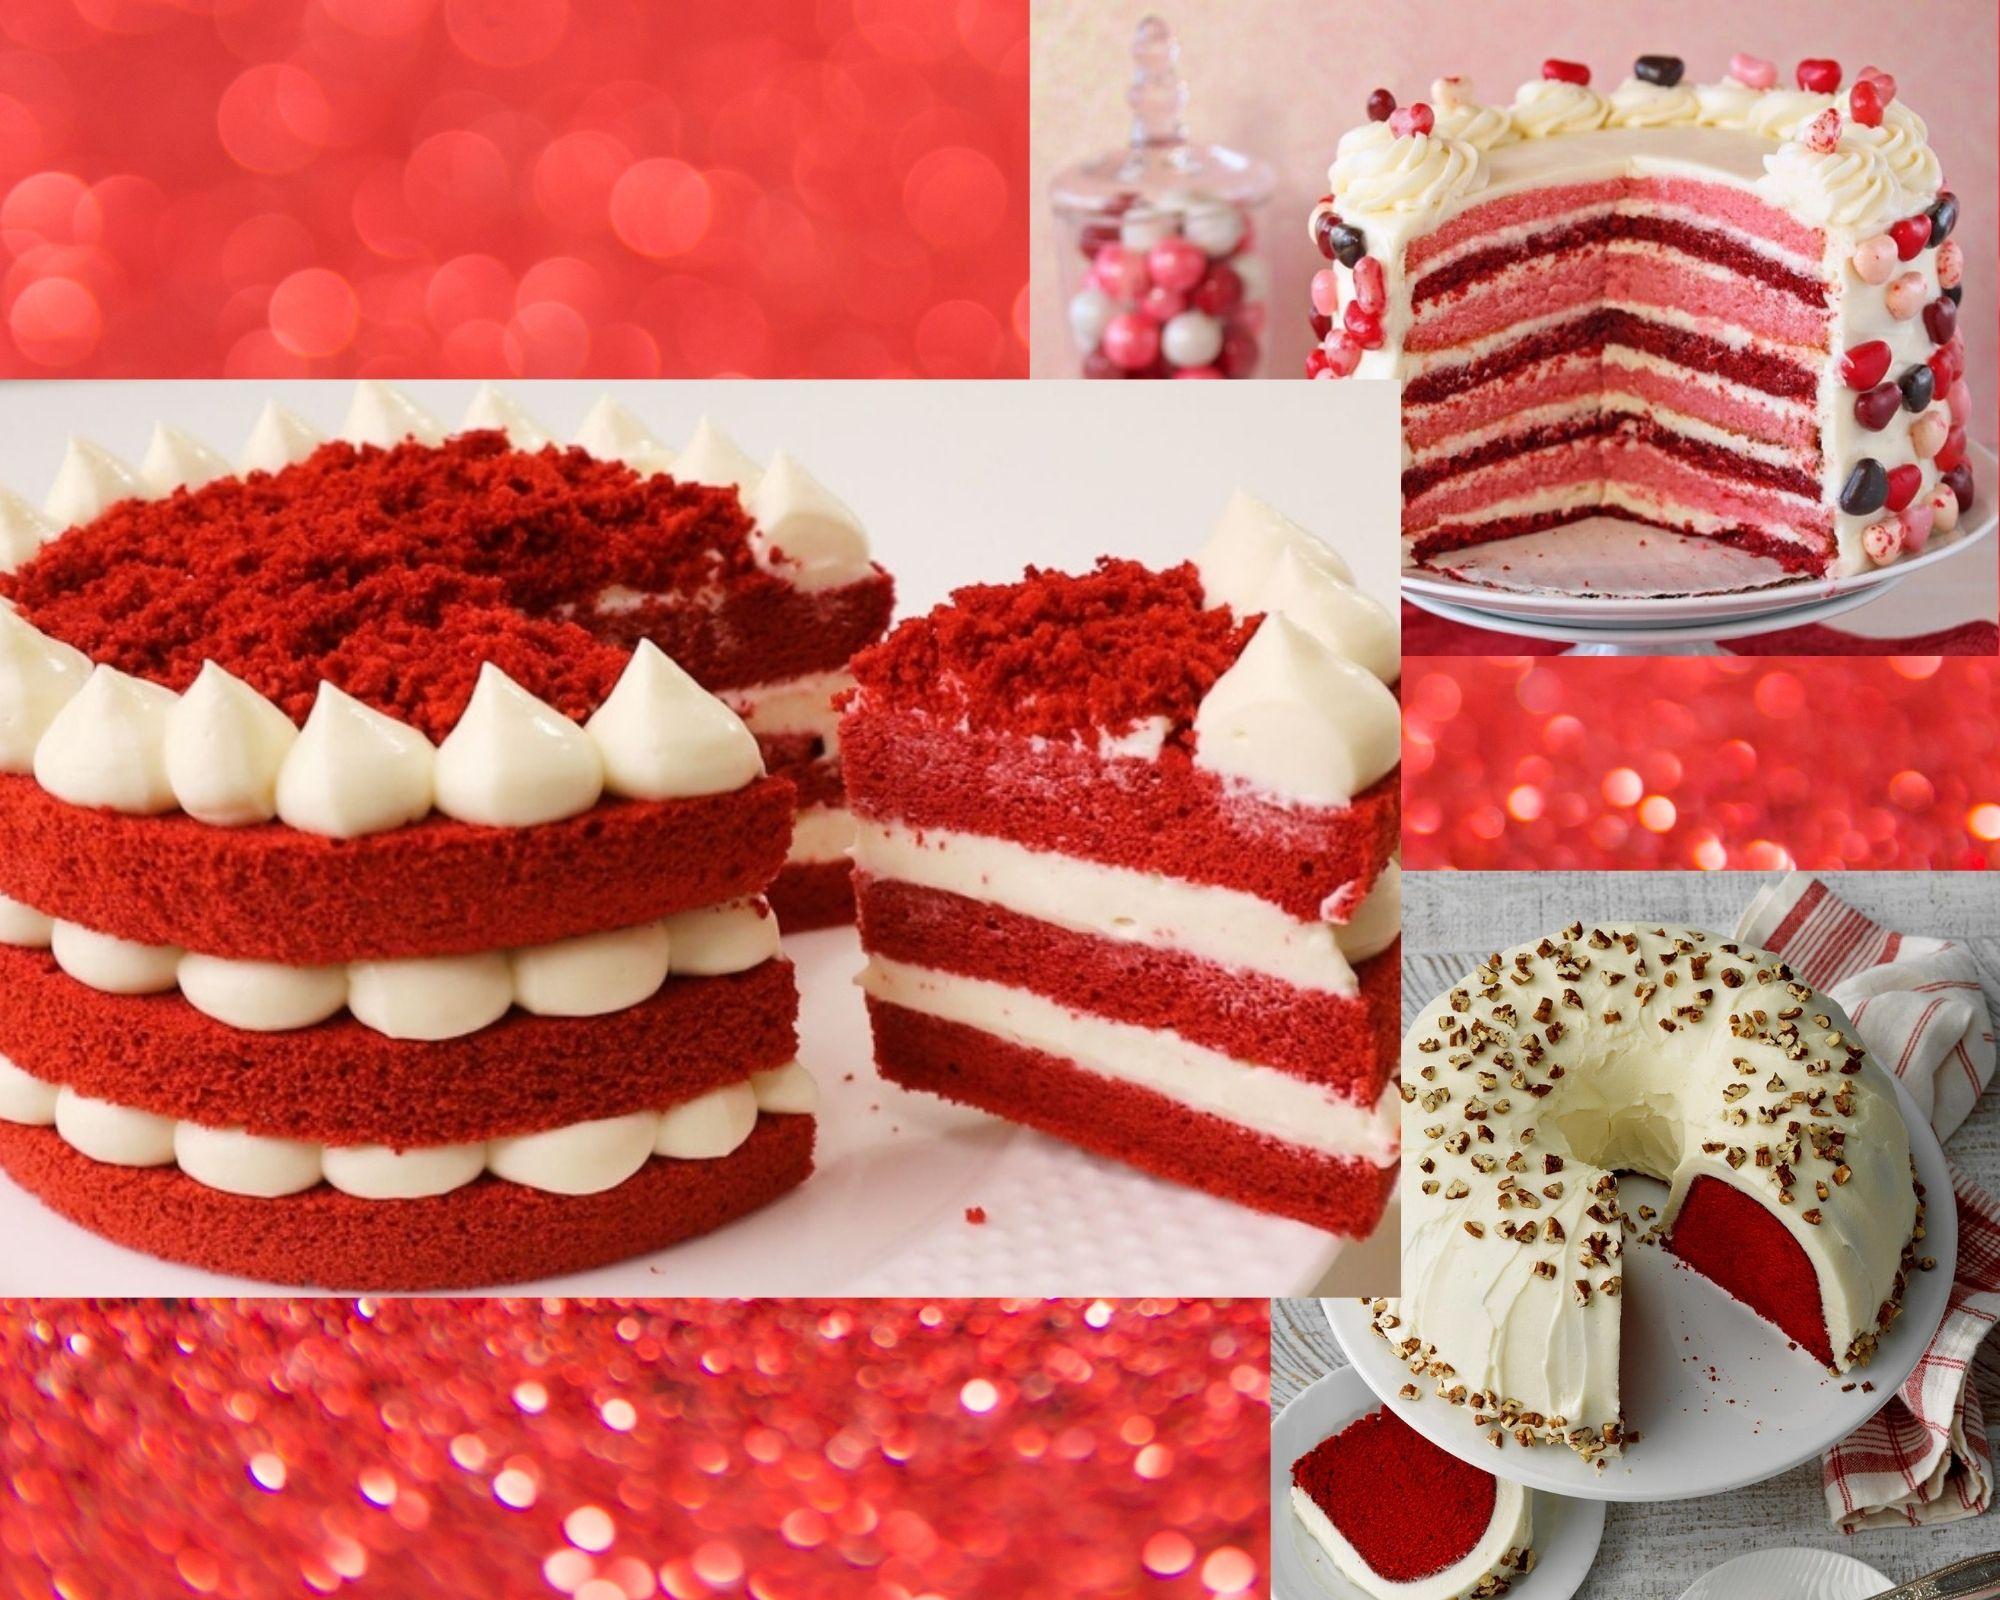 Фото Три разных торта.